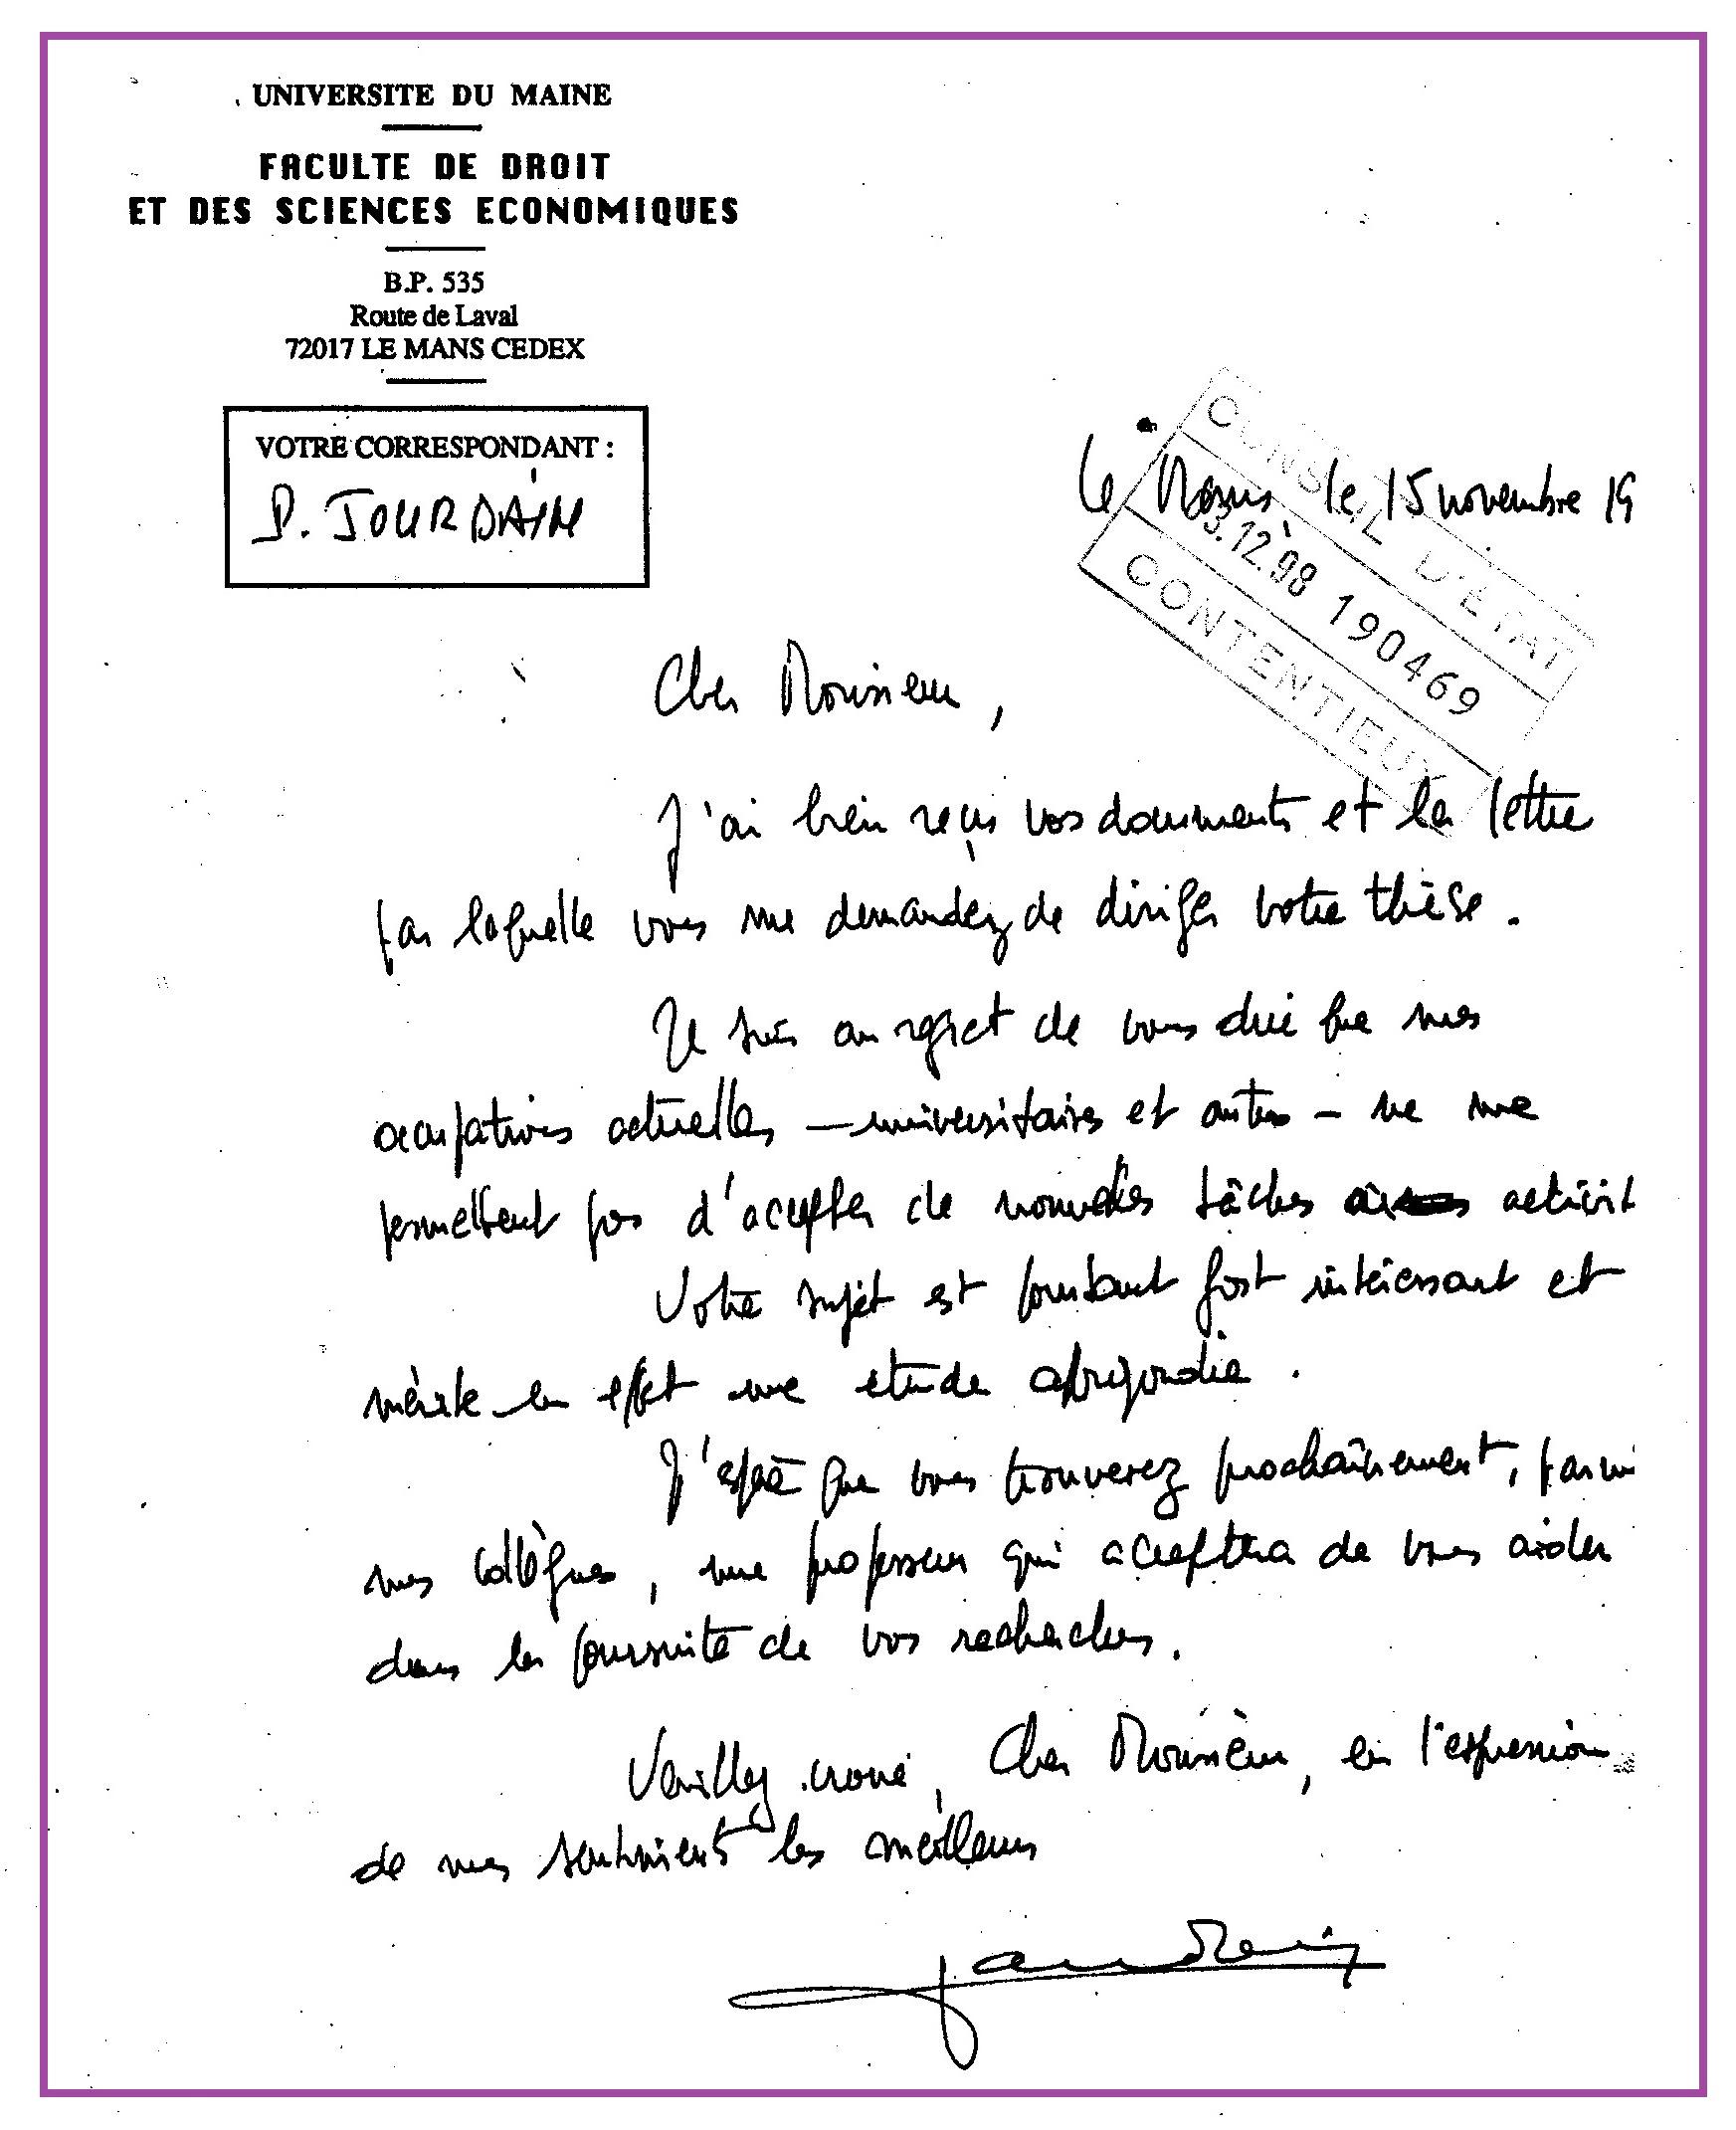 Lettre De Motivation Pour Sous Officier Gendarmerie - Lettre J